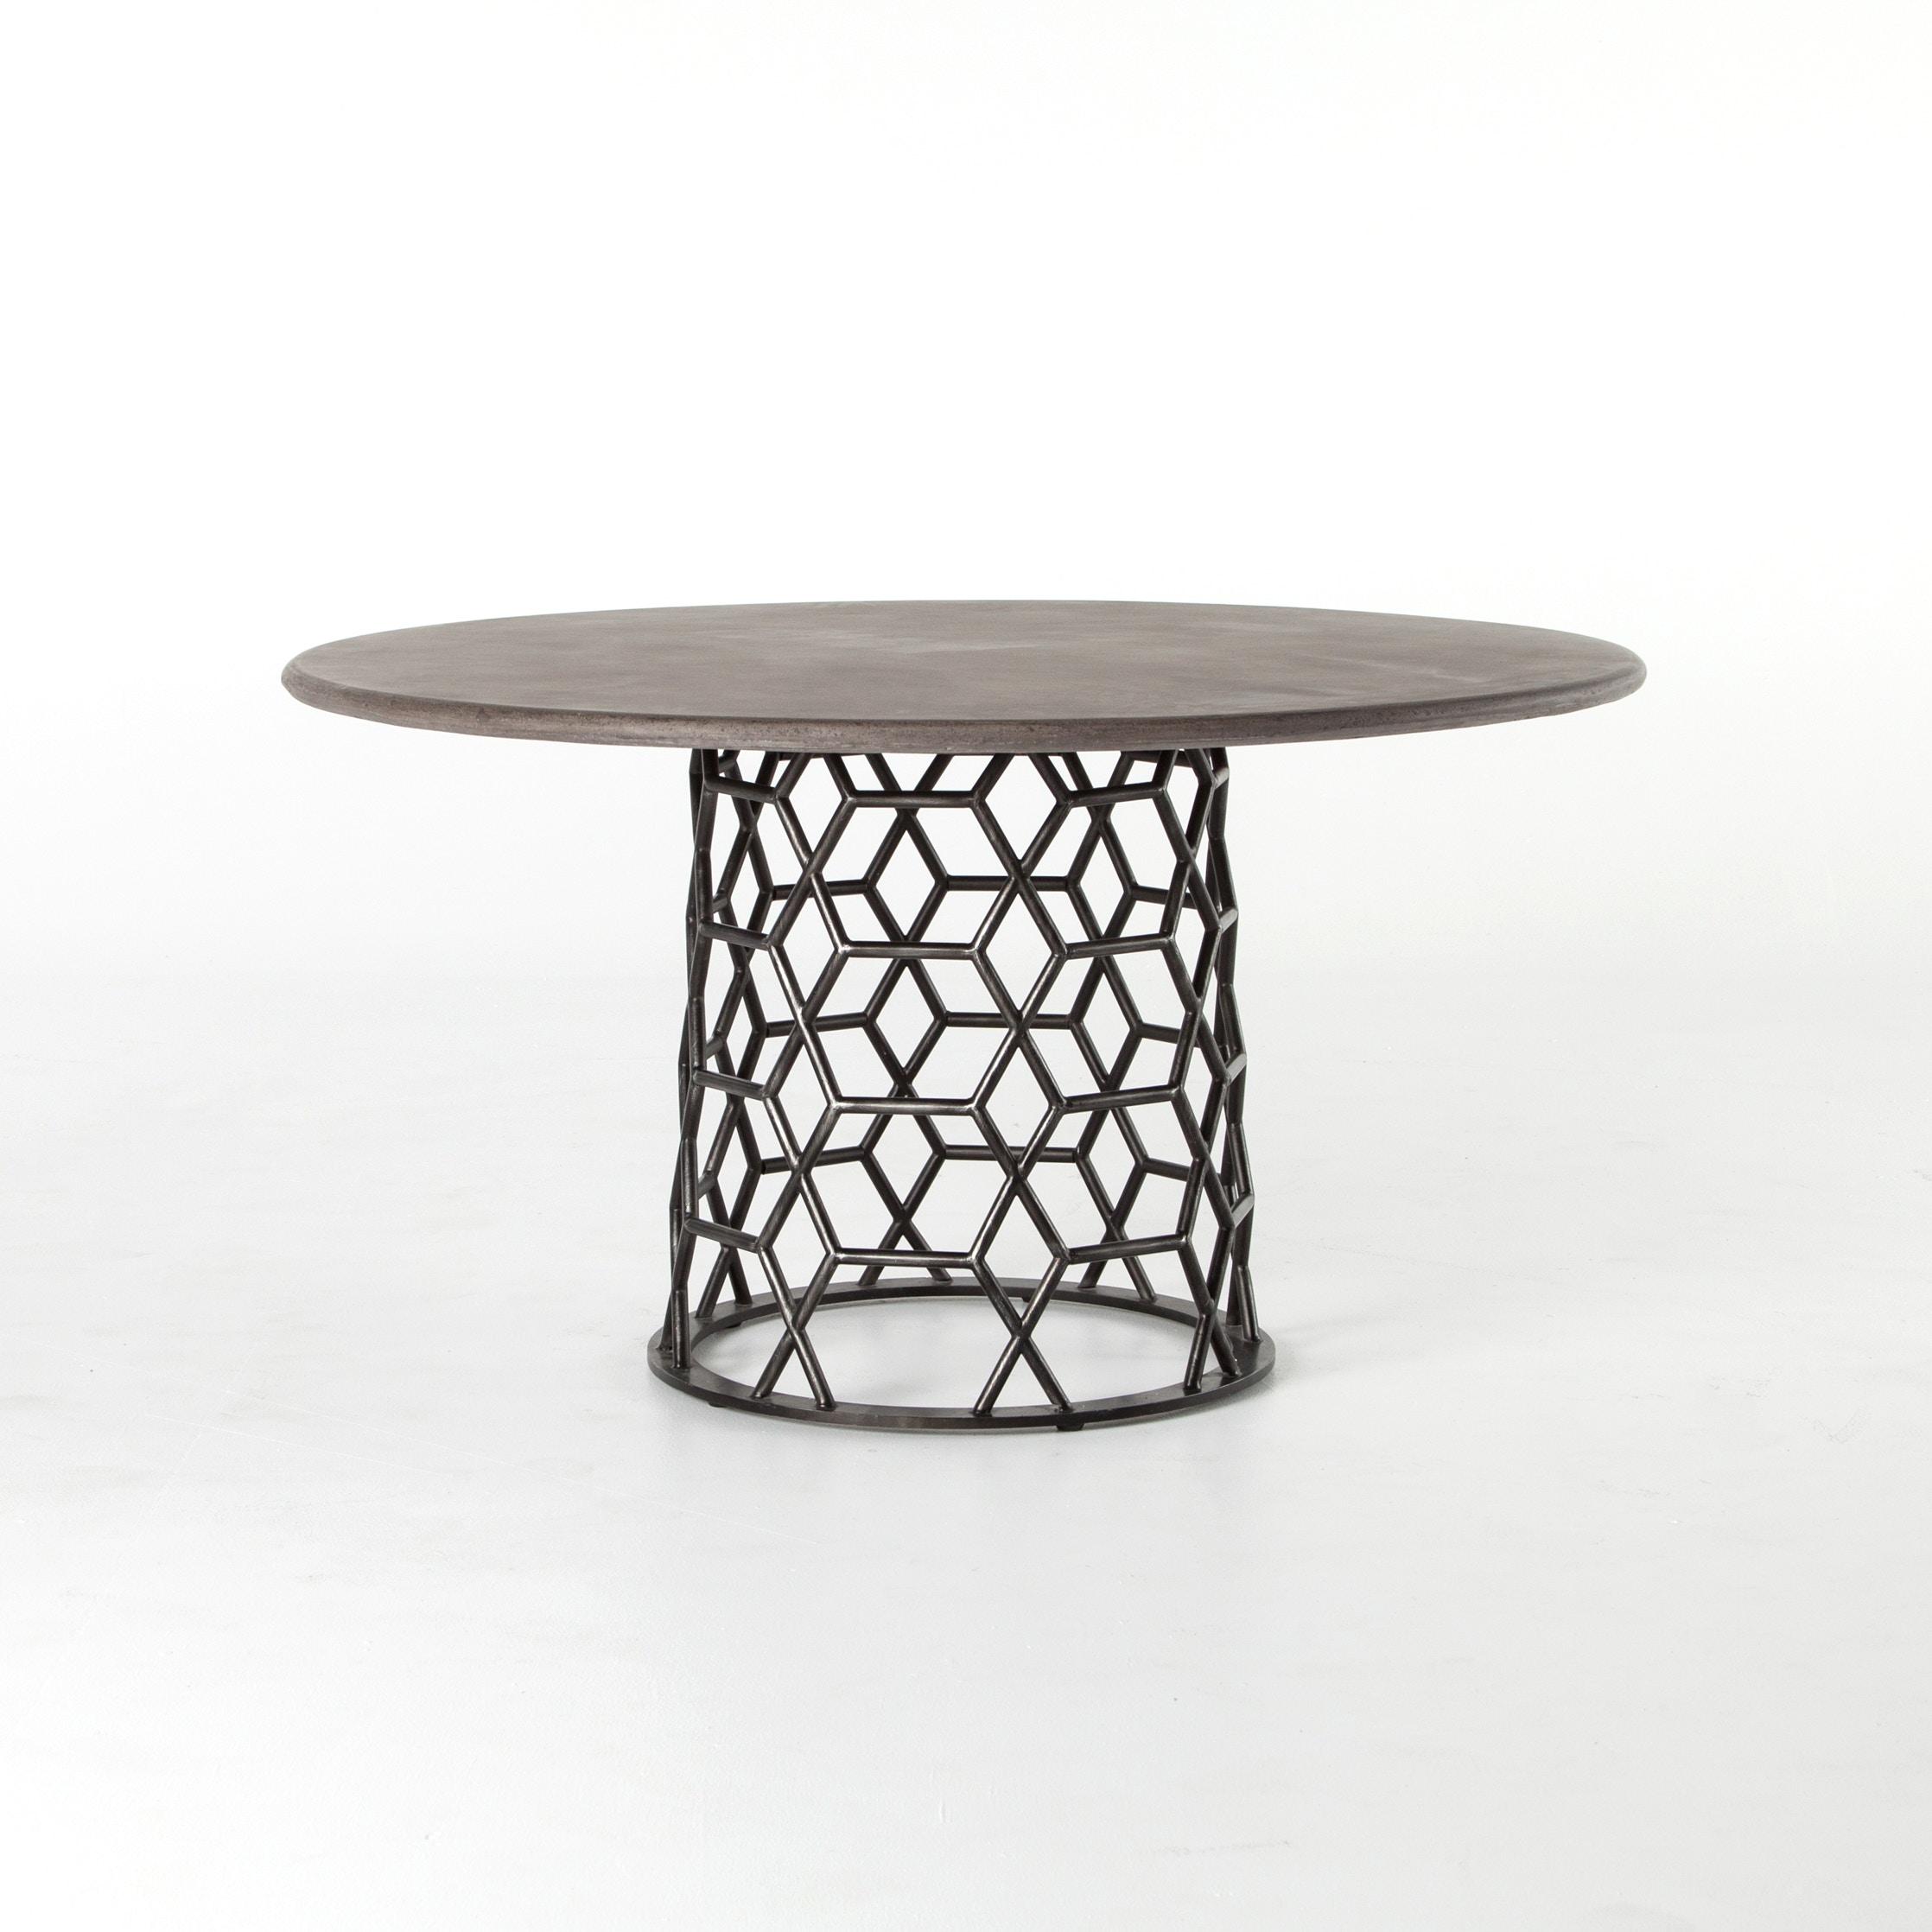 Four Hands Furniture. VEVR 026